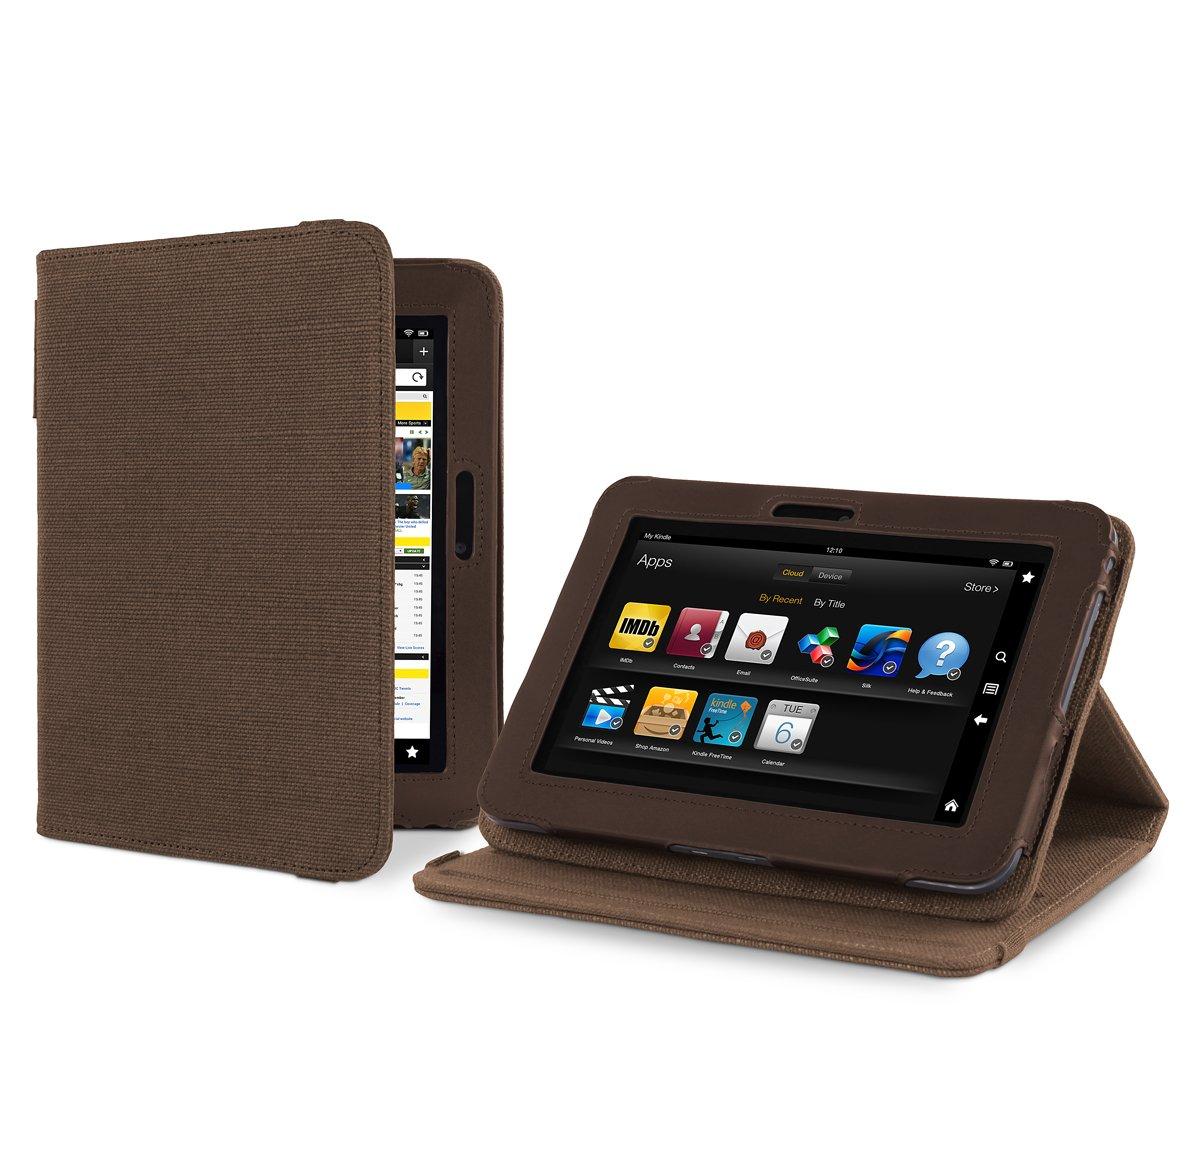 Cover-Up - Funda con función atril para Kindle Fire HD (7, cáñamo), color marrón  Informática Más información y revisión del cliente